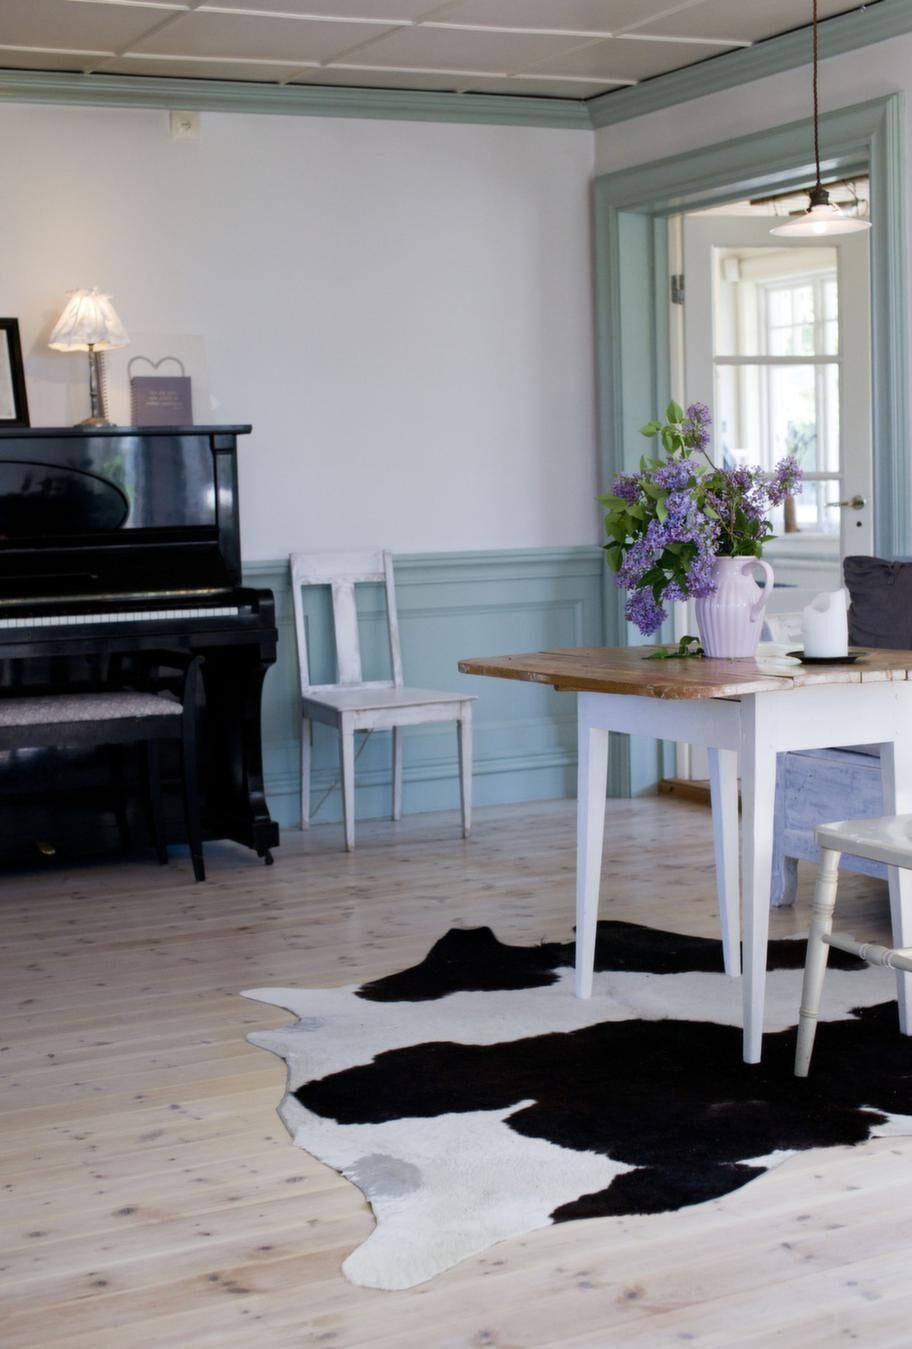 Vid pianot<br>Förutom matplats rymmer köket även en liten sittplats för läxor och lattestunder.